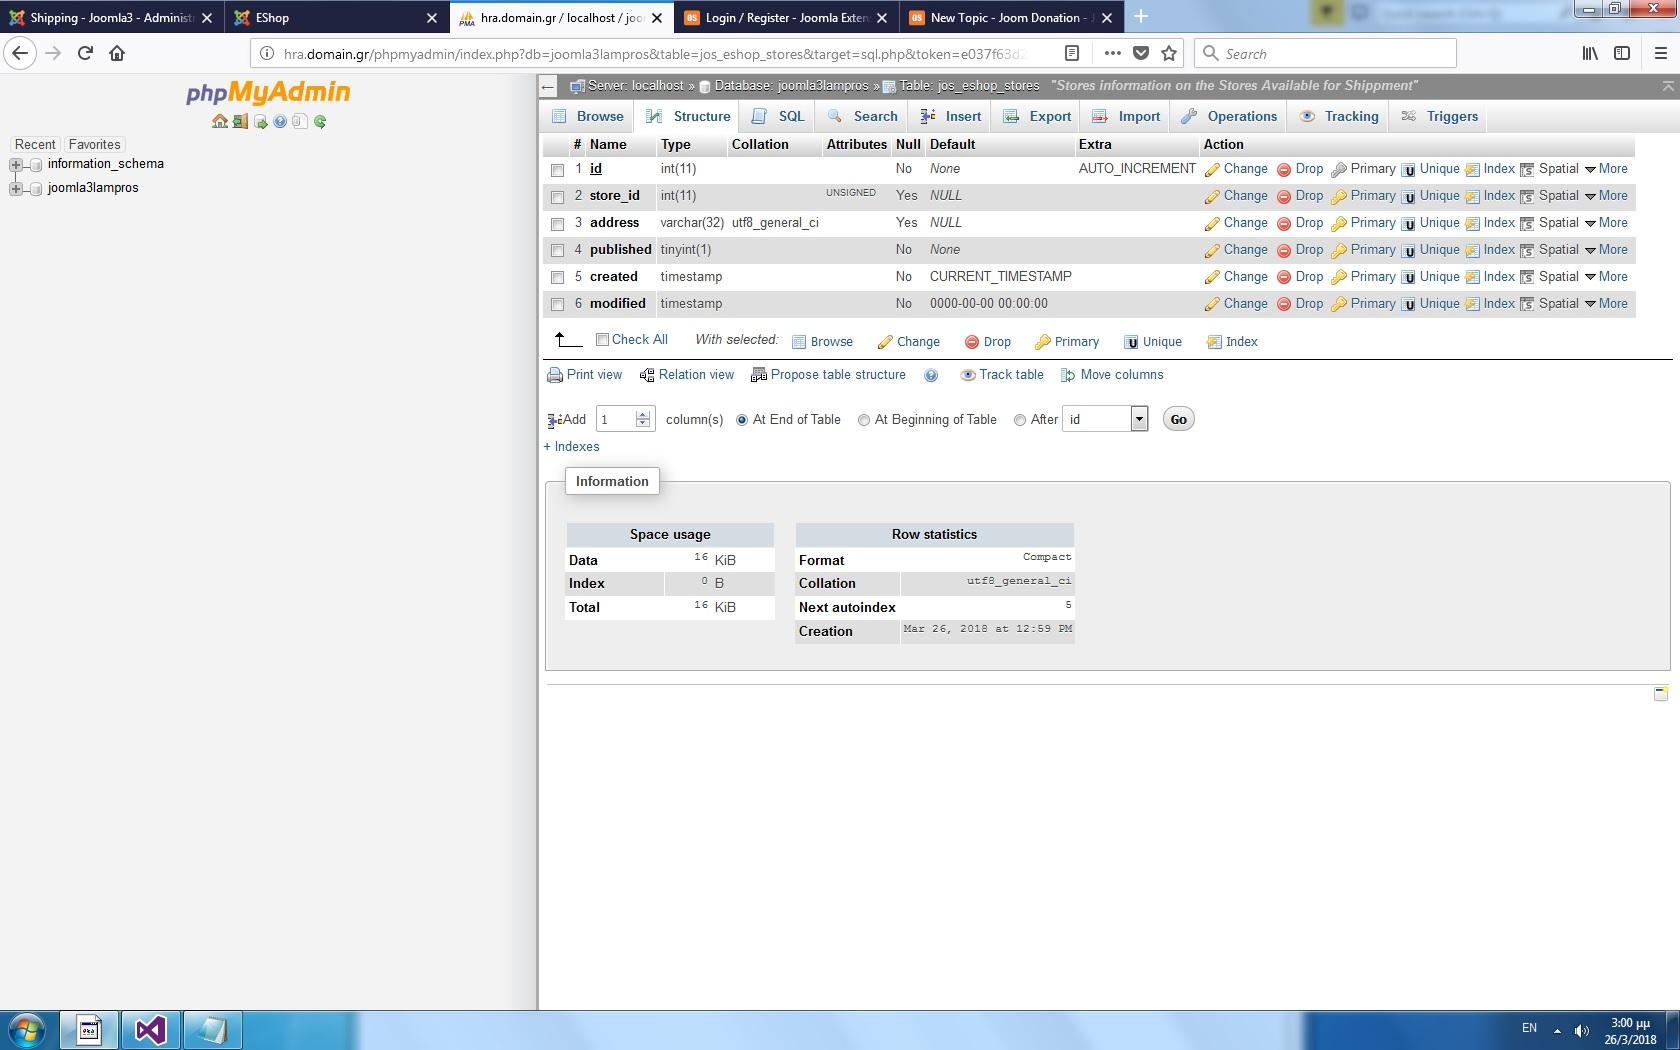 phpdatabasestoretable.jpg